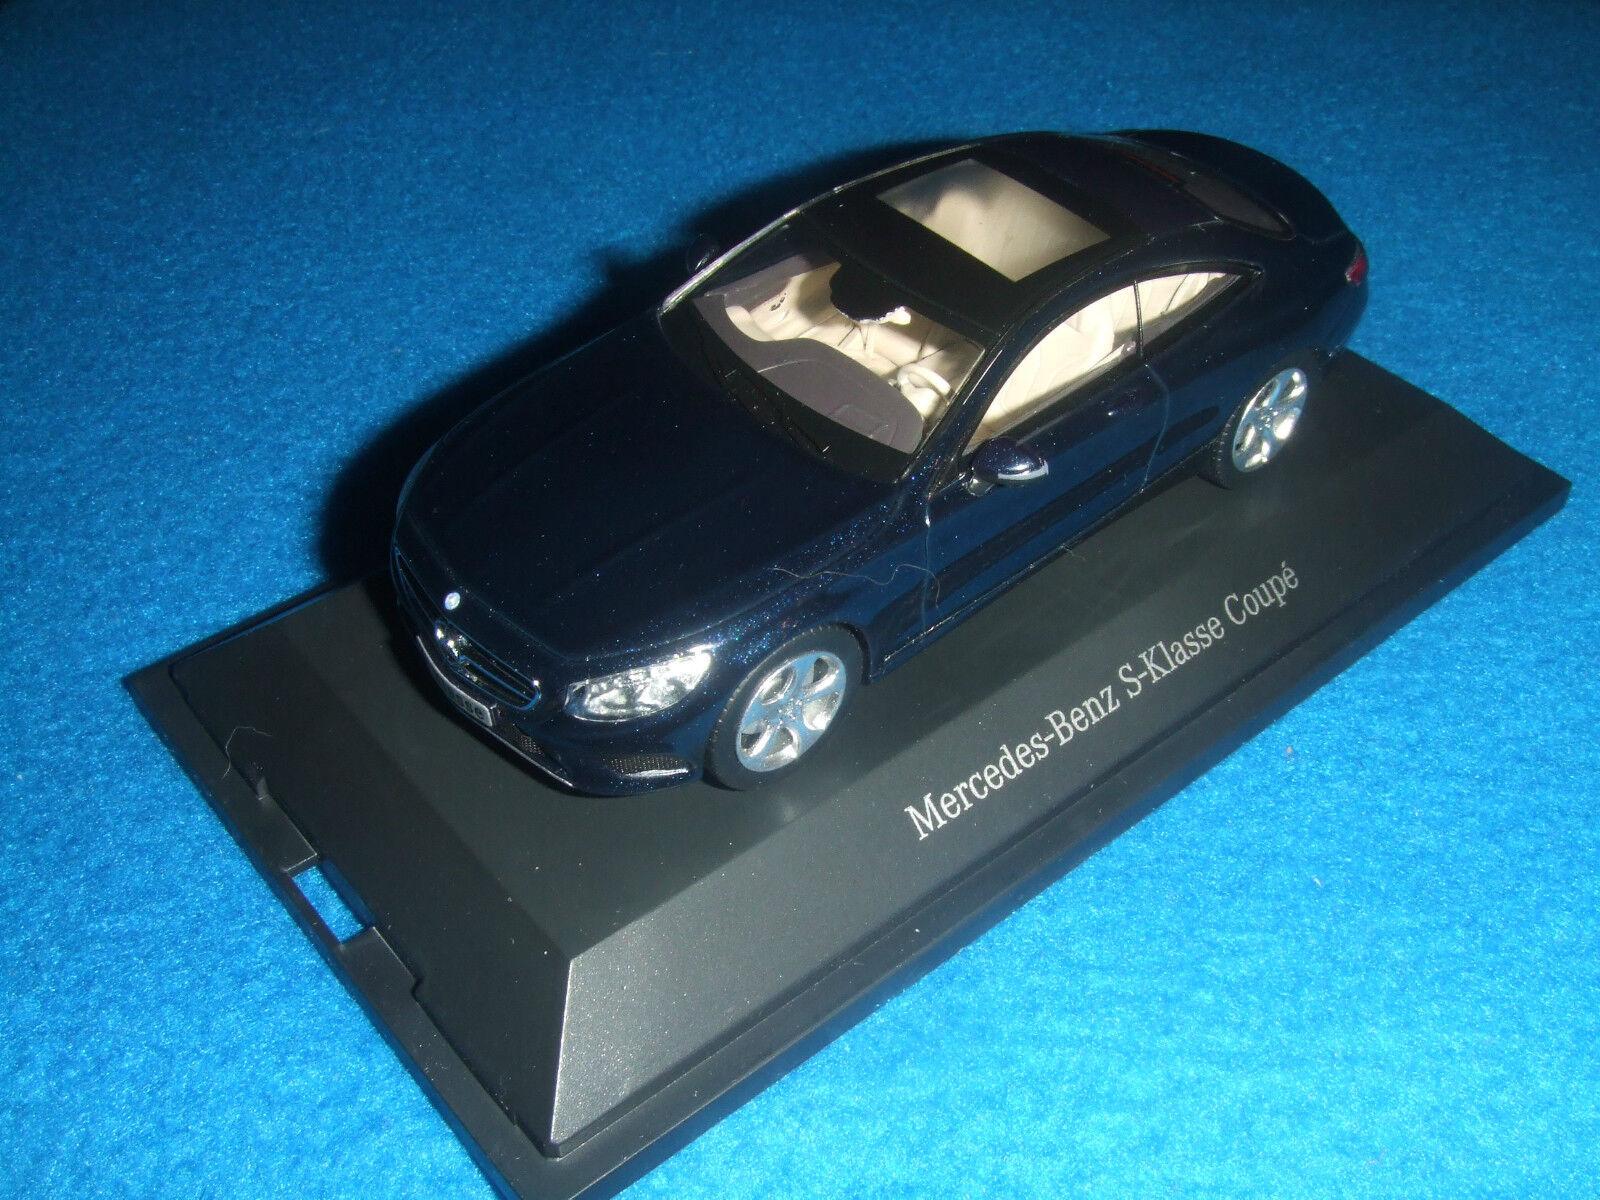 Mercedes Benz C 217 S Classe Coupé 2014 bleu 1 43 Nouveau neuf dans sa boîte